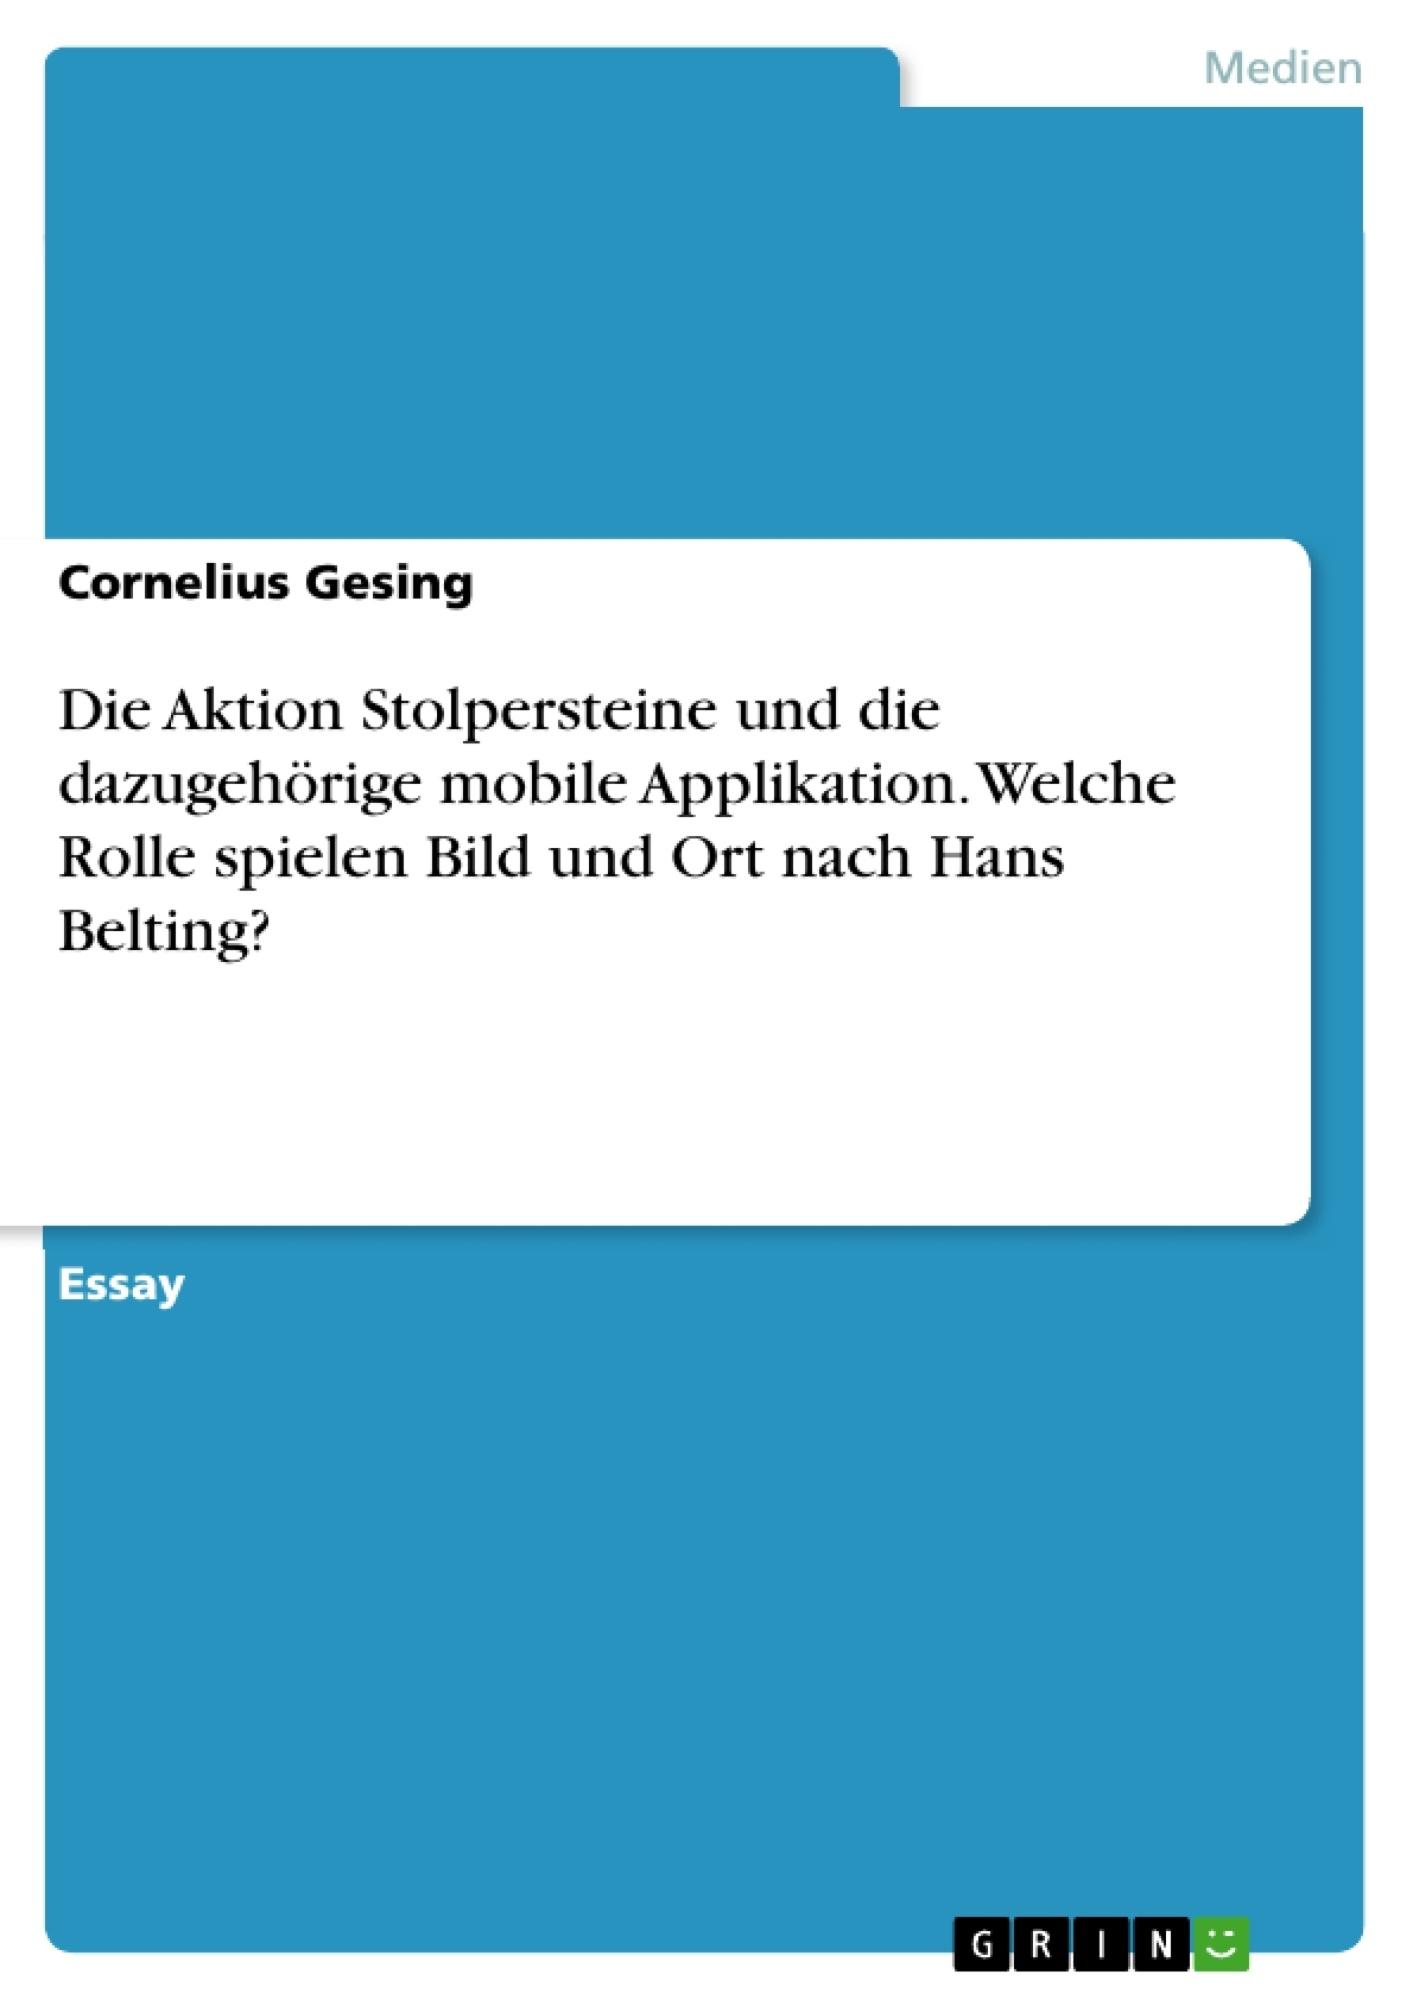 Titel: Die Aktion Stolpersteine und die dazugehörige mobile Applikation. Welche Rolle spielen Bild und Ort nach Hans Belting?